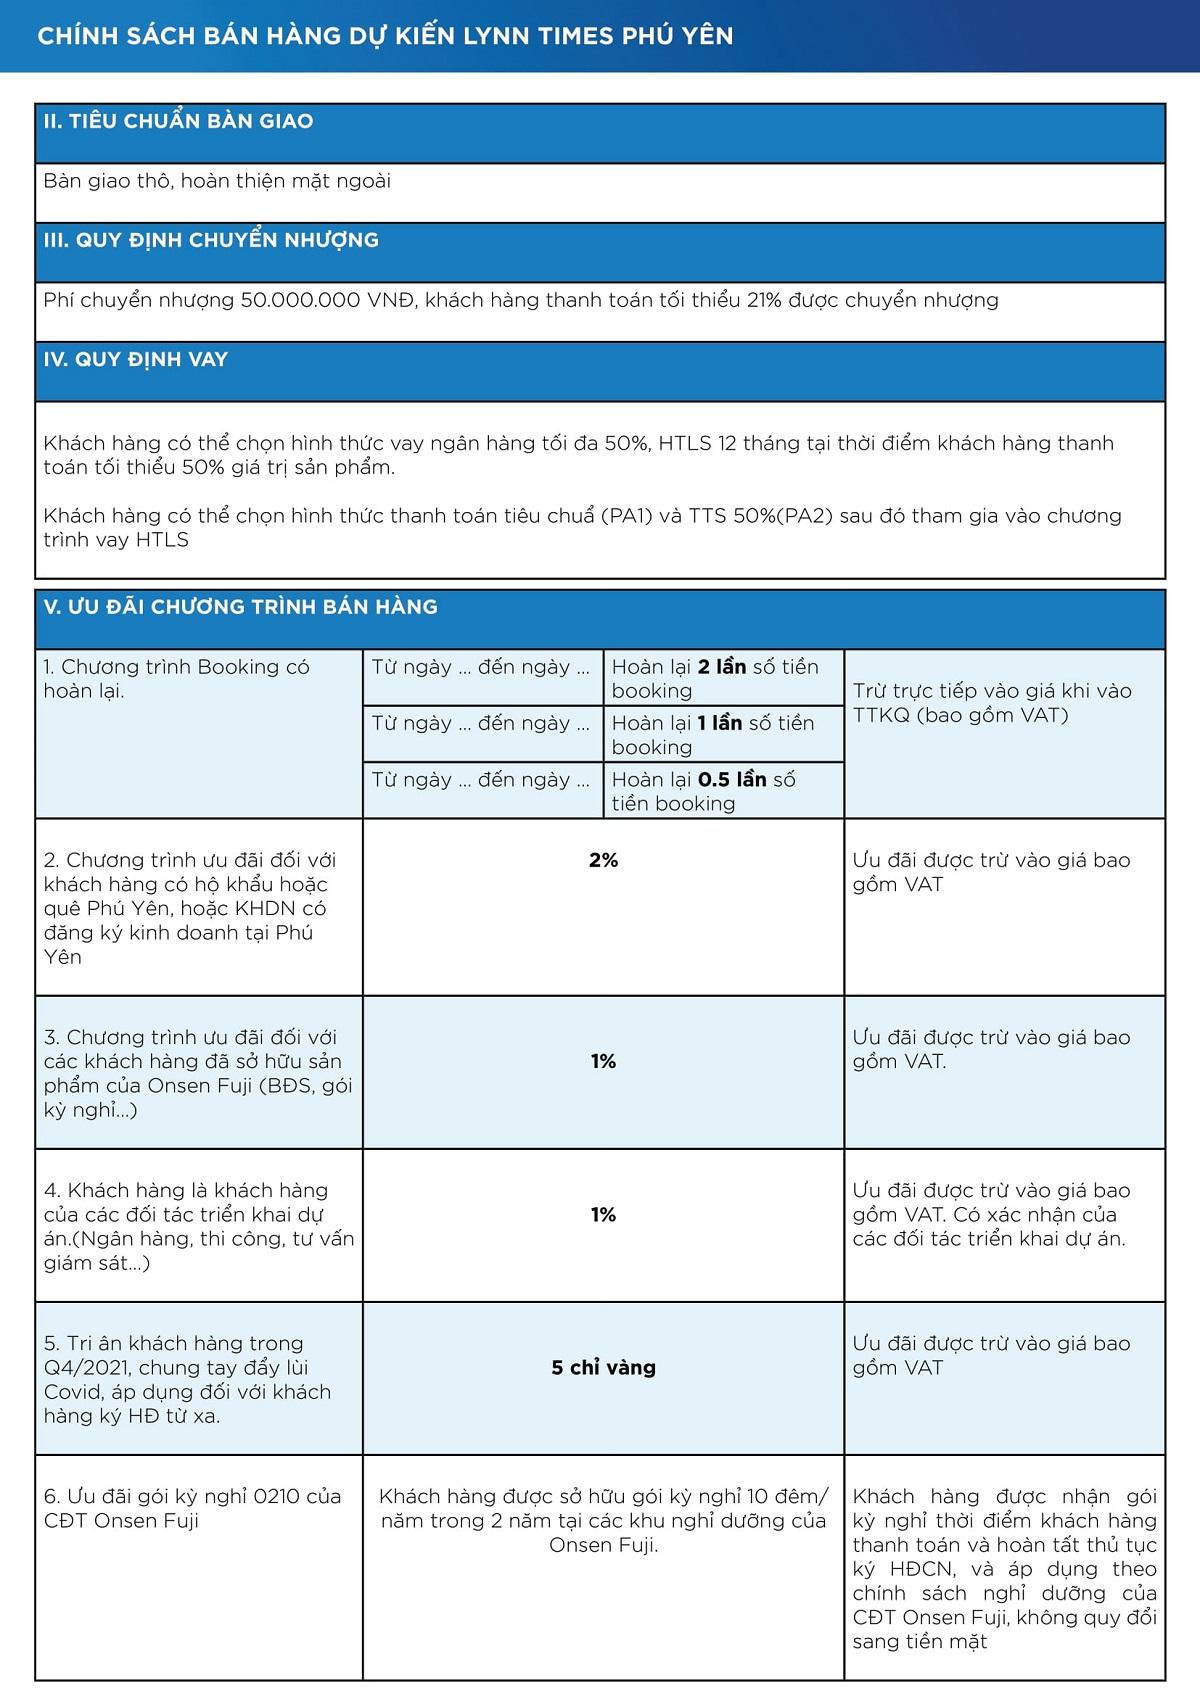 chính sách bán hàng dự án lynn times phú yên